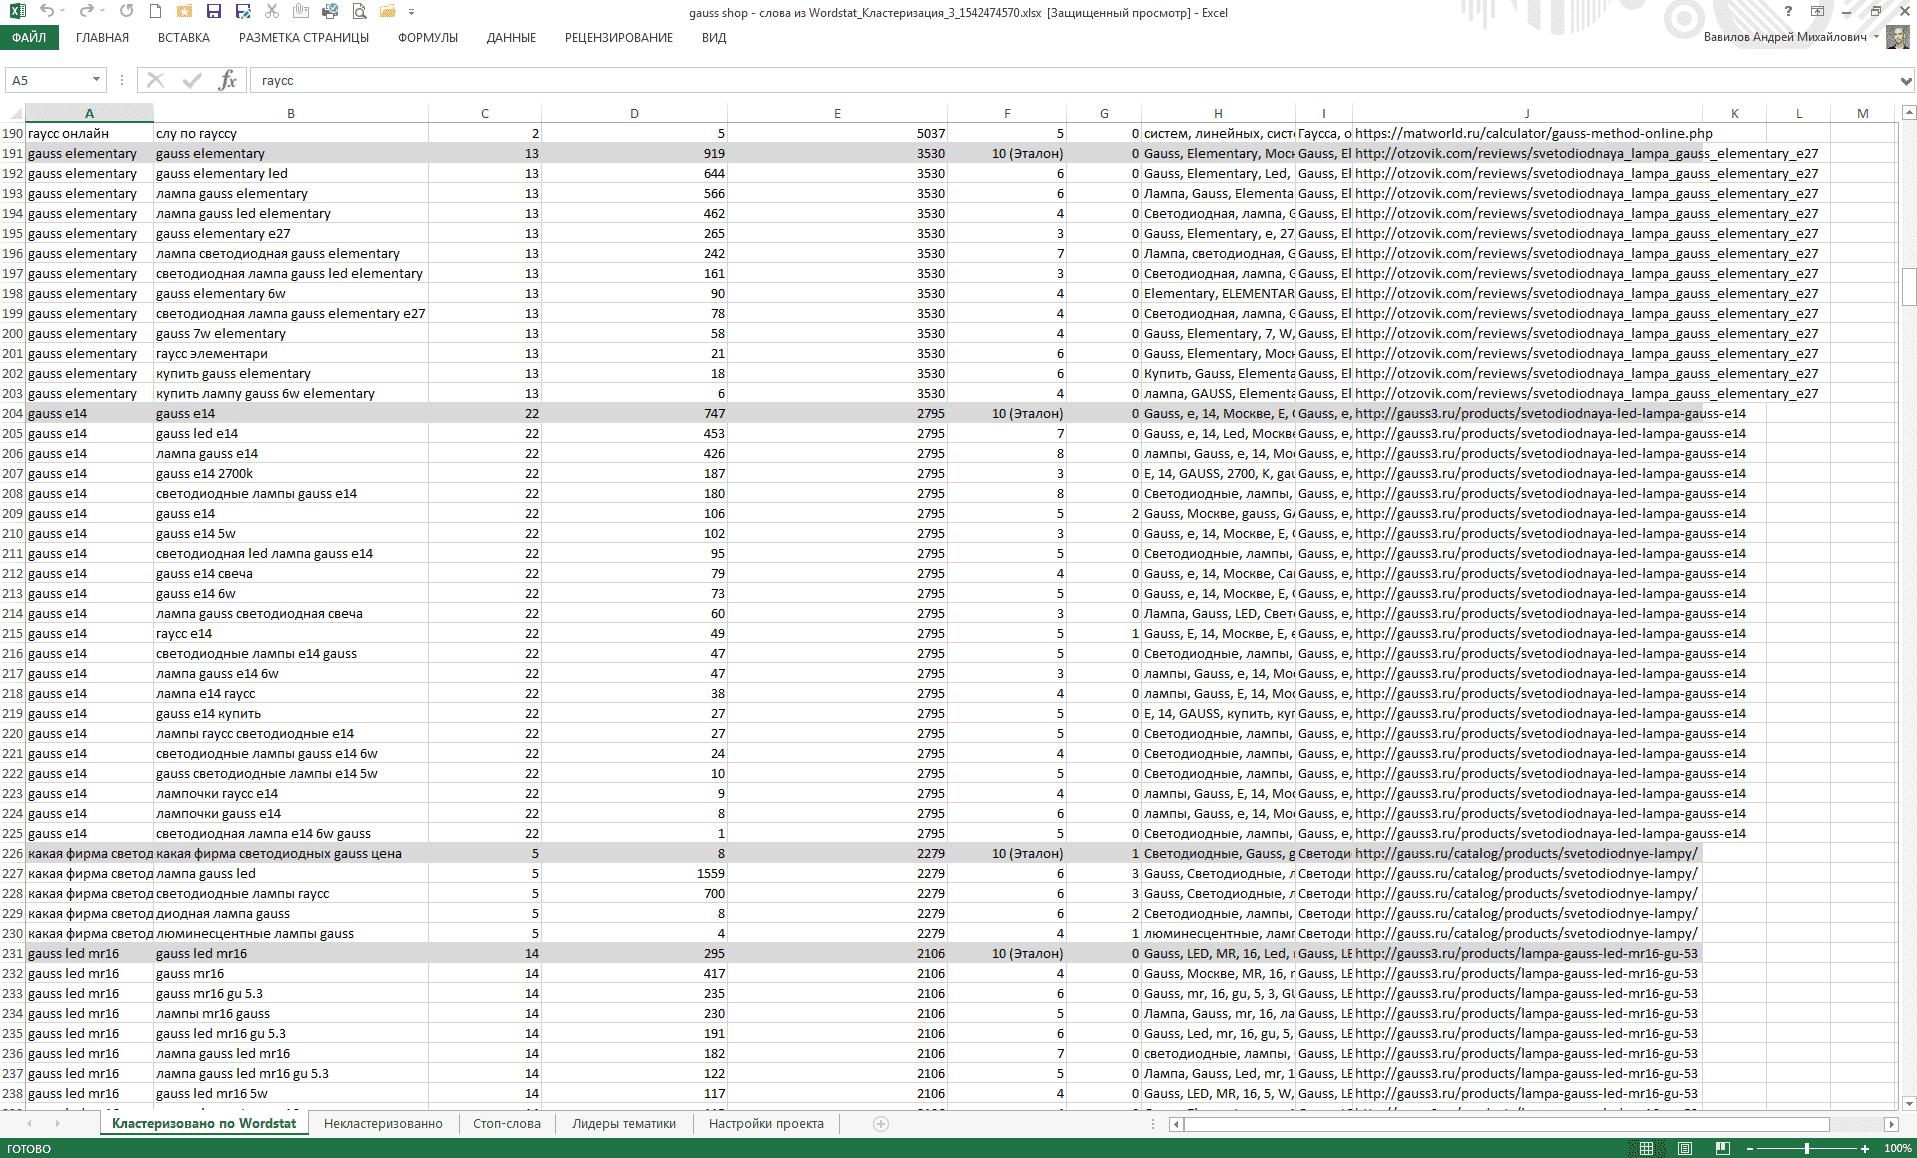 Готовый файл с класстерами из сервиса